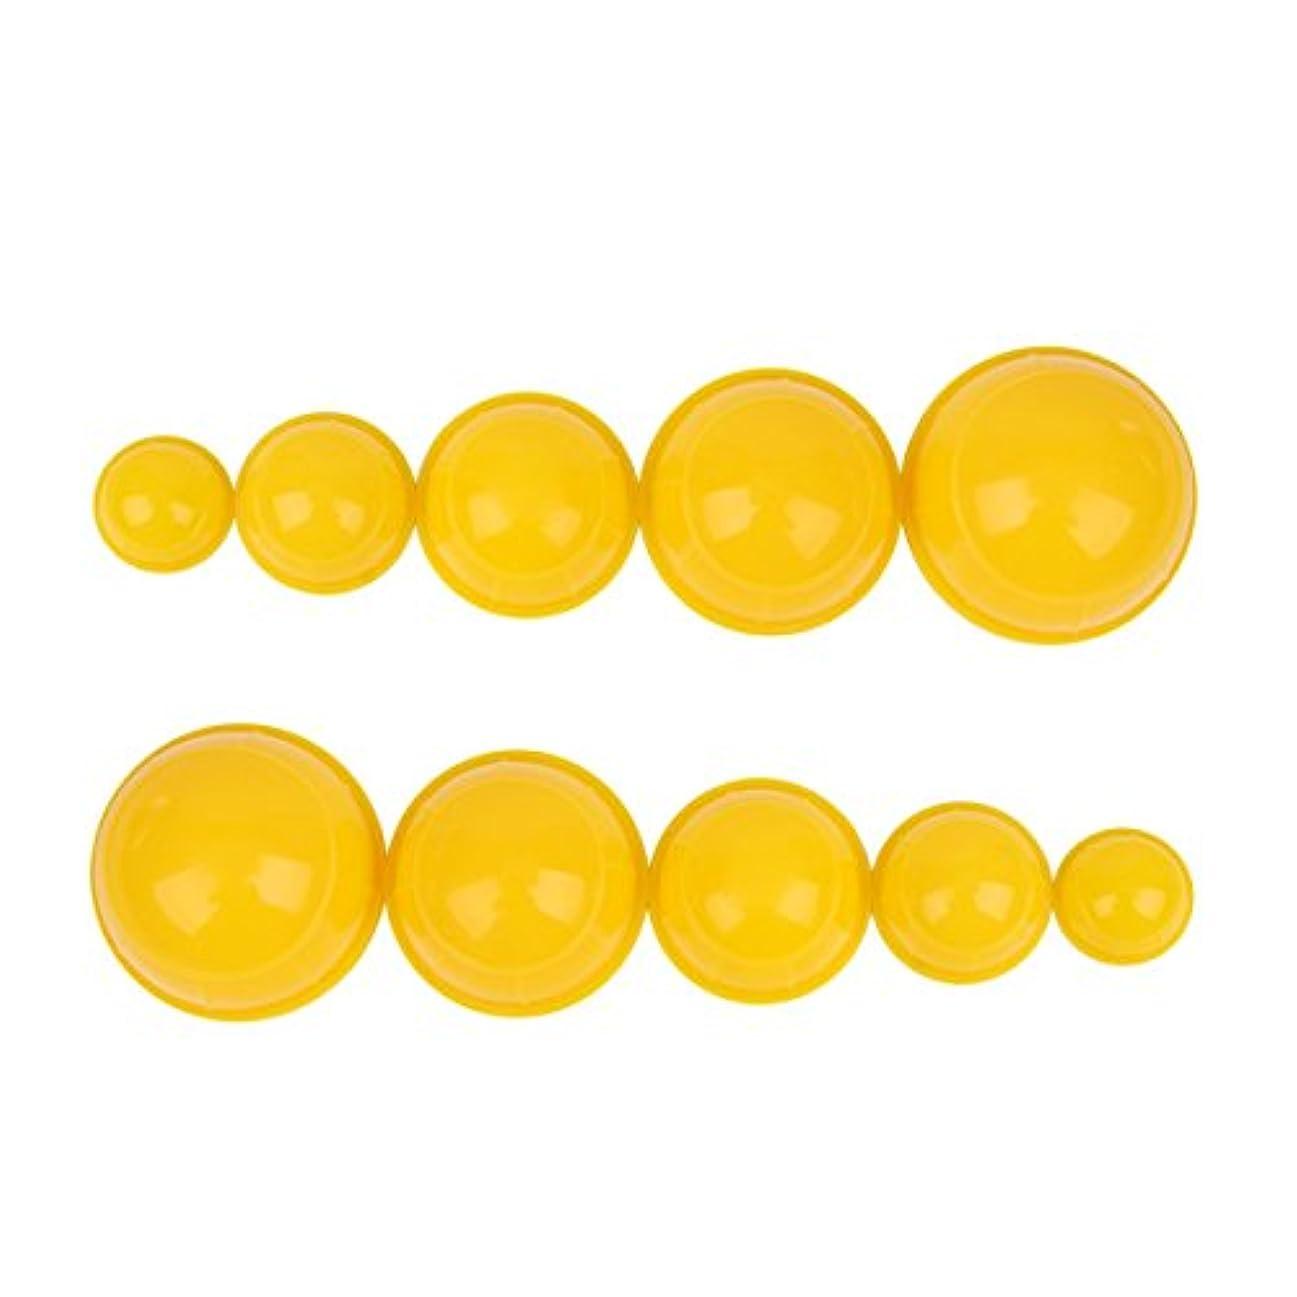 幻想的賢明な全員シリコンカッピング 12個セット 吸い玉 水洗い可能 全身マッサージ CkeyiN (イエロー)